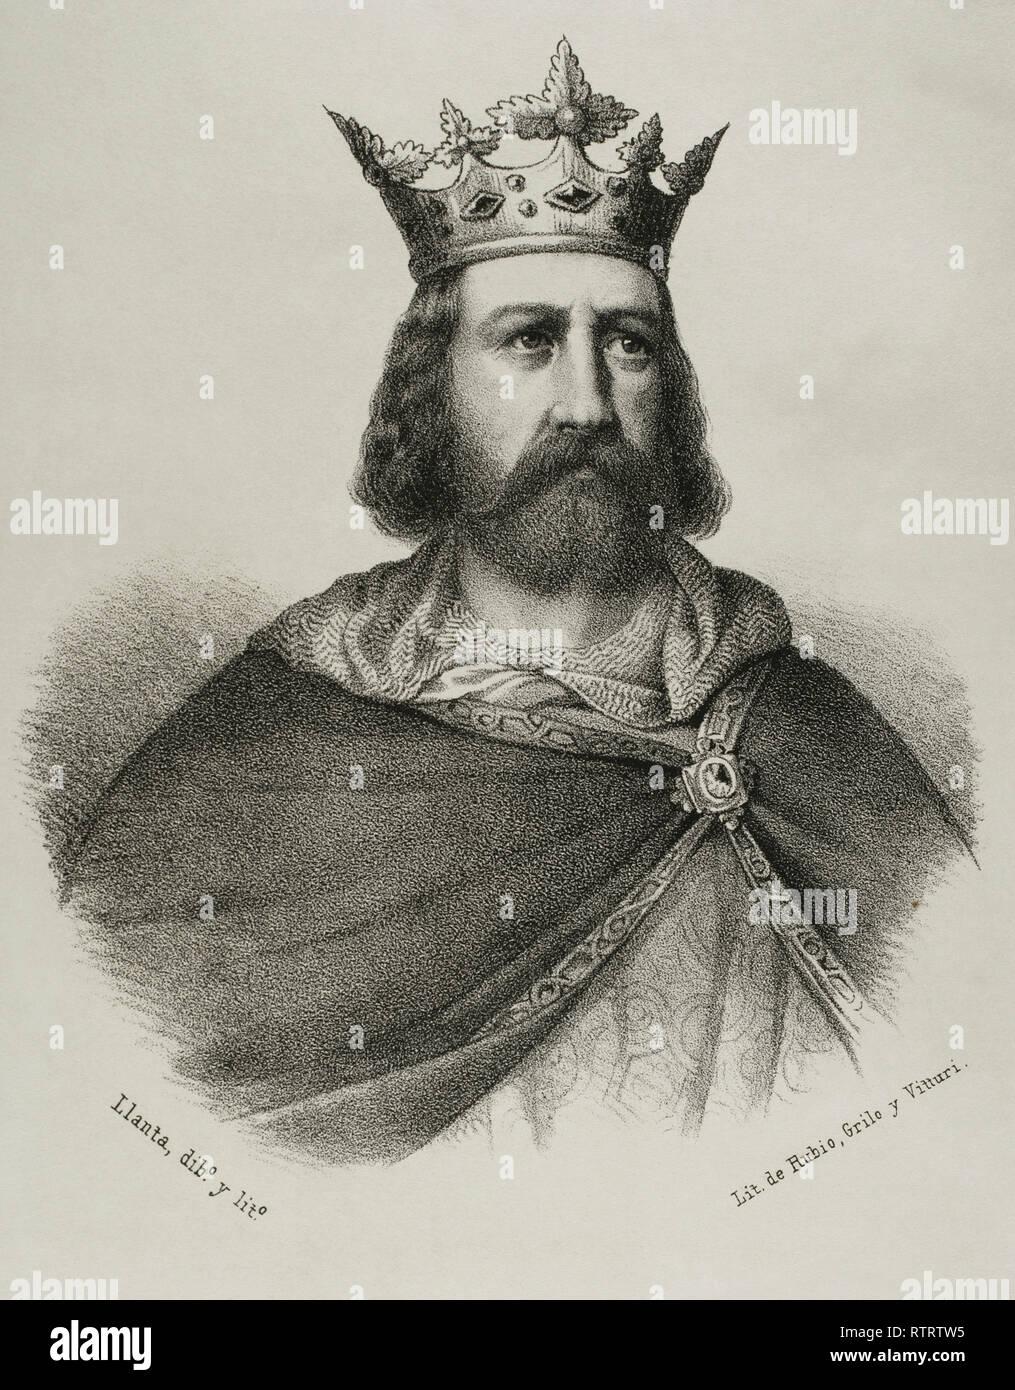 Alfons II the Chaste (1157-1196). King of Aragon and Count of Barcelona. Lithography. Crónica General de España, Historia Ilustrada y Descriptiva de sus Provincias. Catalonia. 1866. - Stock Image